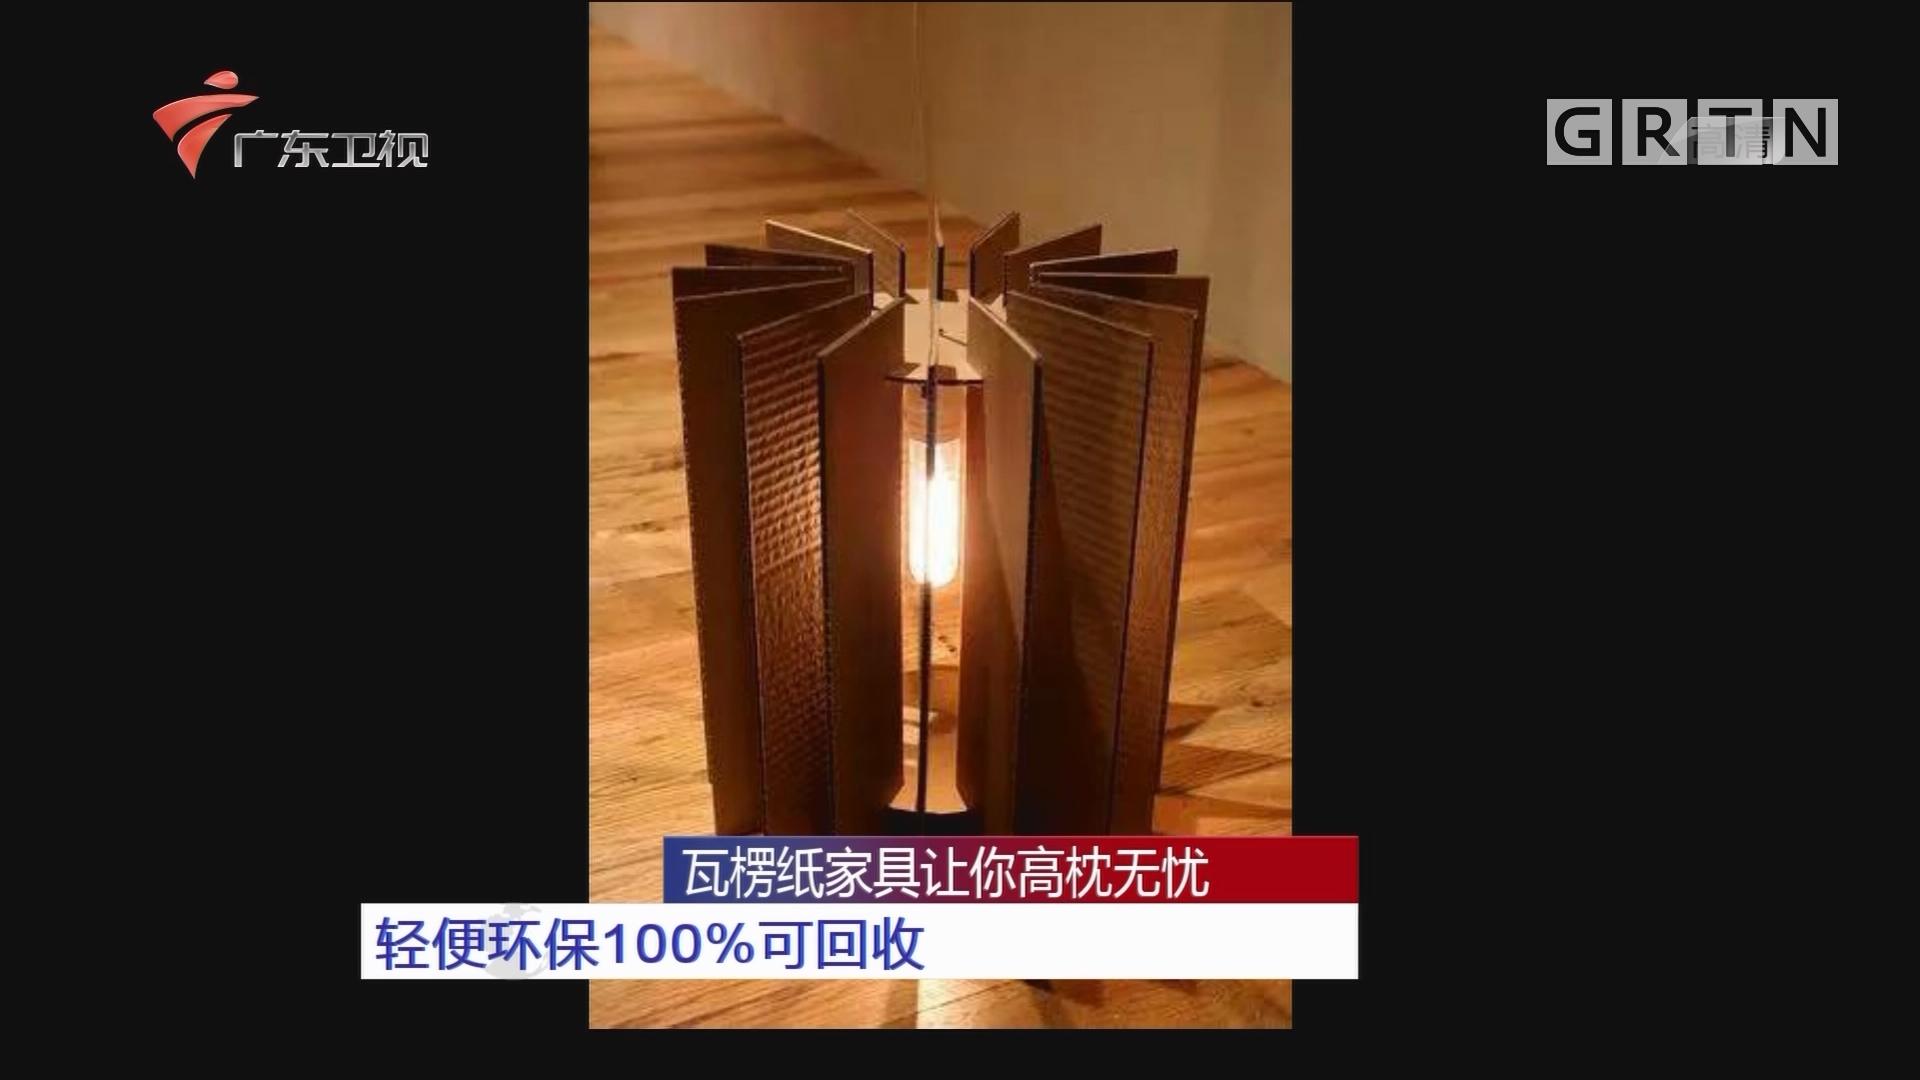 瓦楞纸家具让你高枕无忧 轻便环保100%可回收